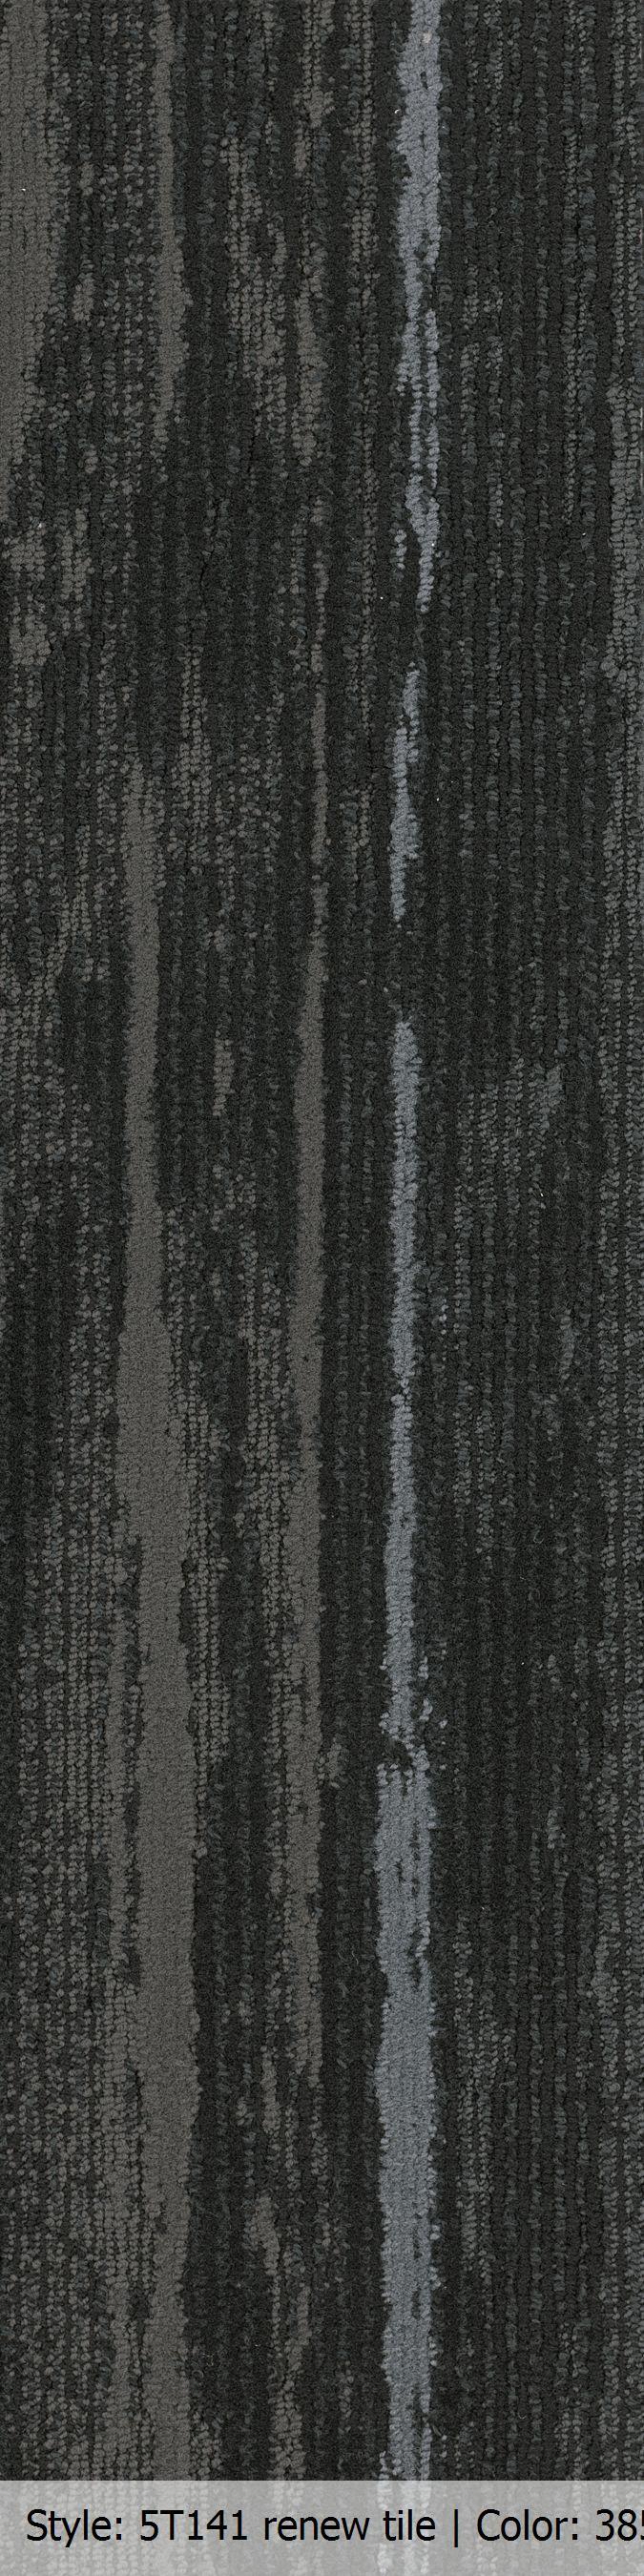 5T141_38505_MAIN.jpg